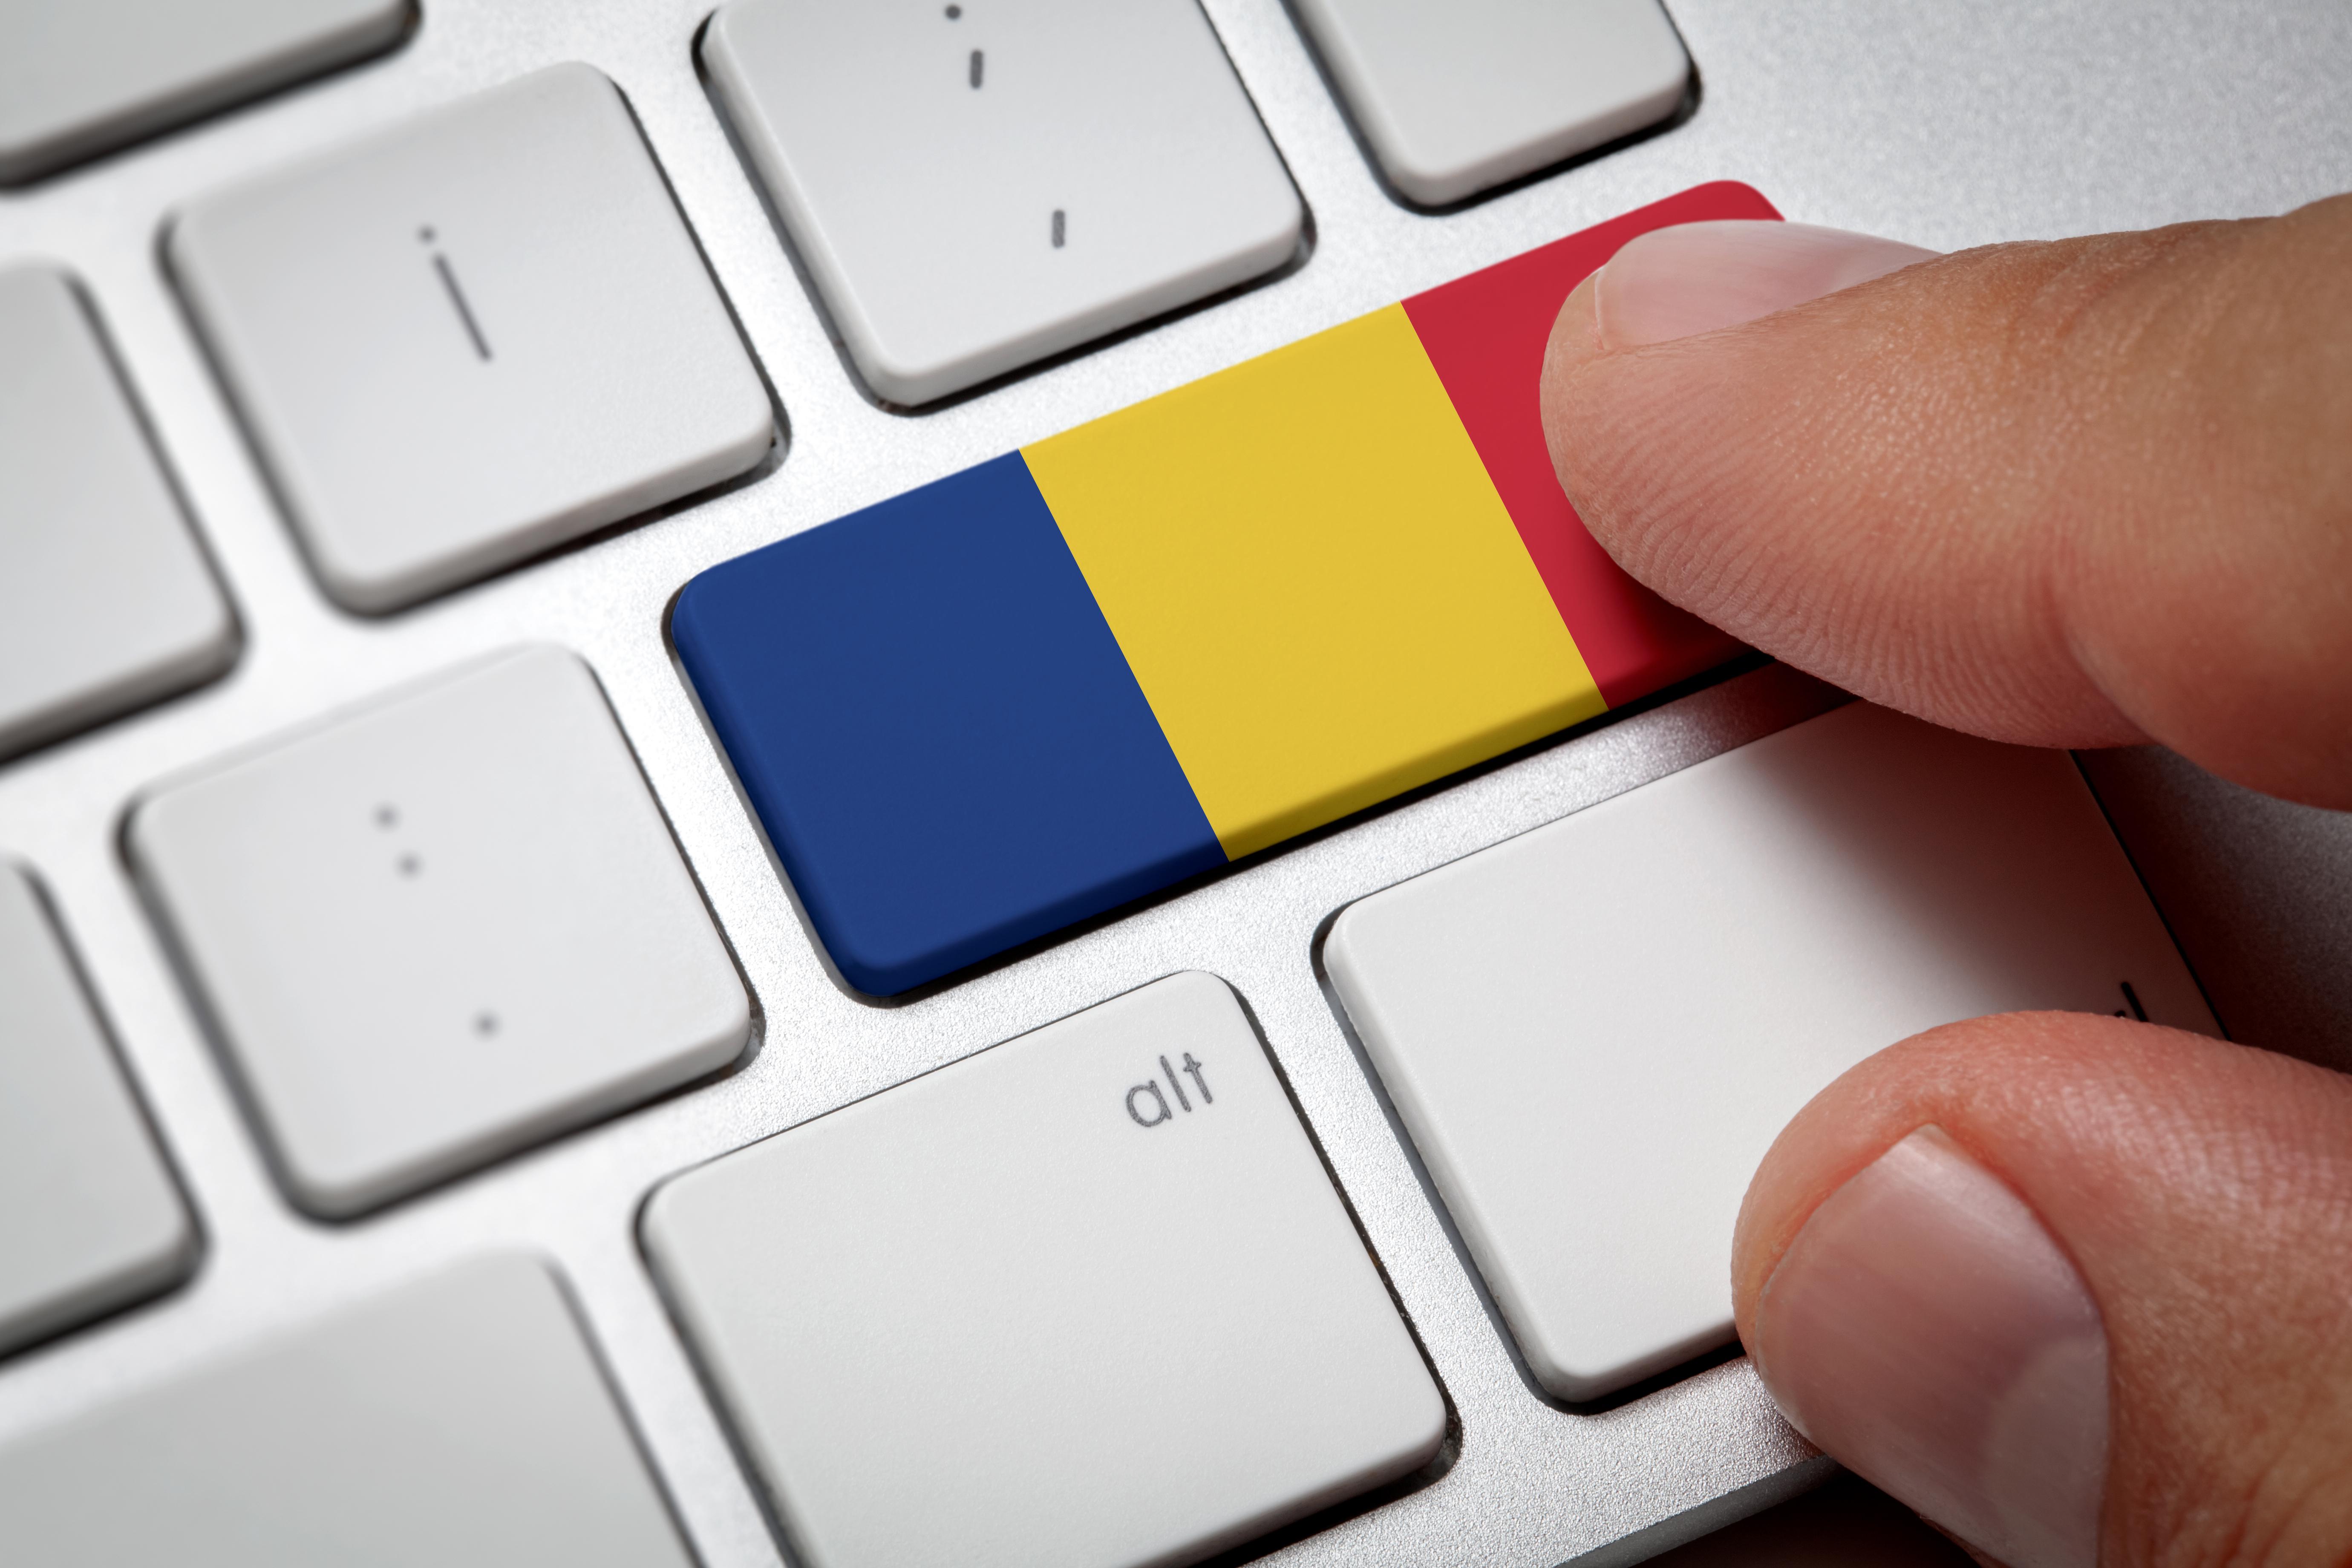 Румынский флаг на клавиатуре означает поиск работы в Румынии через интернет